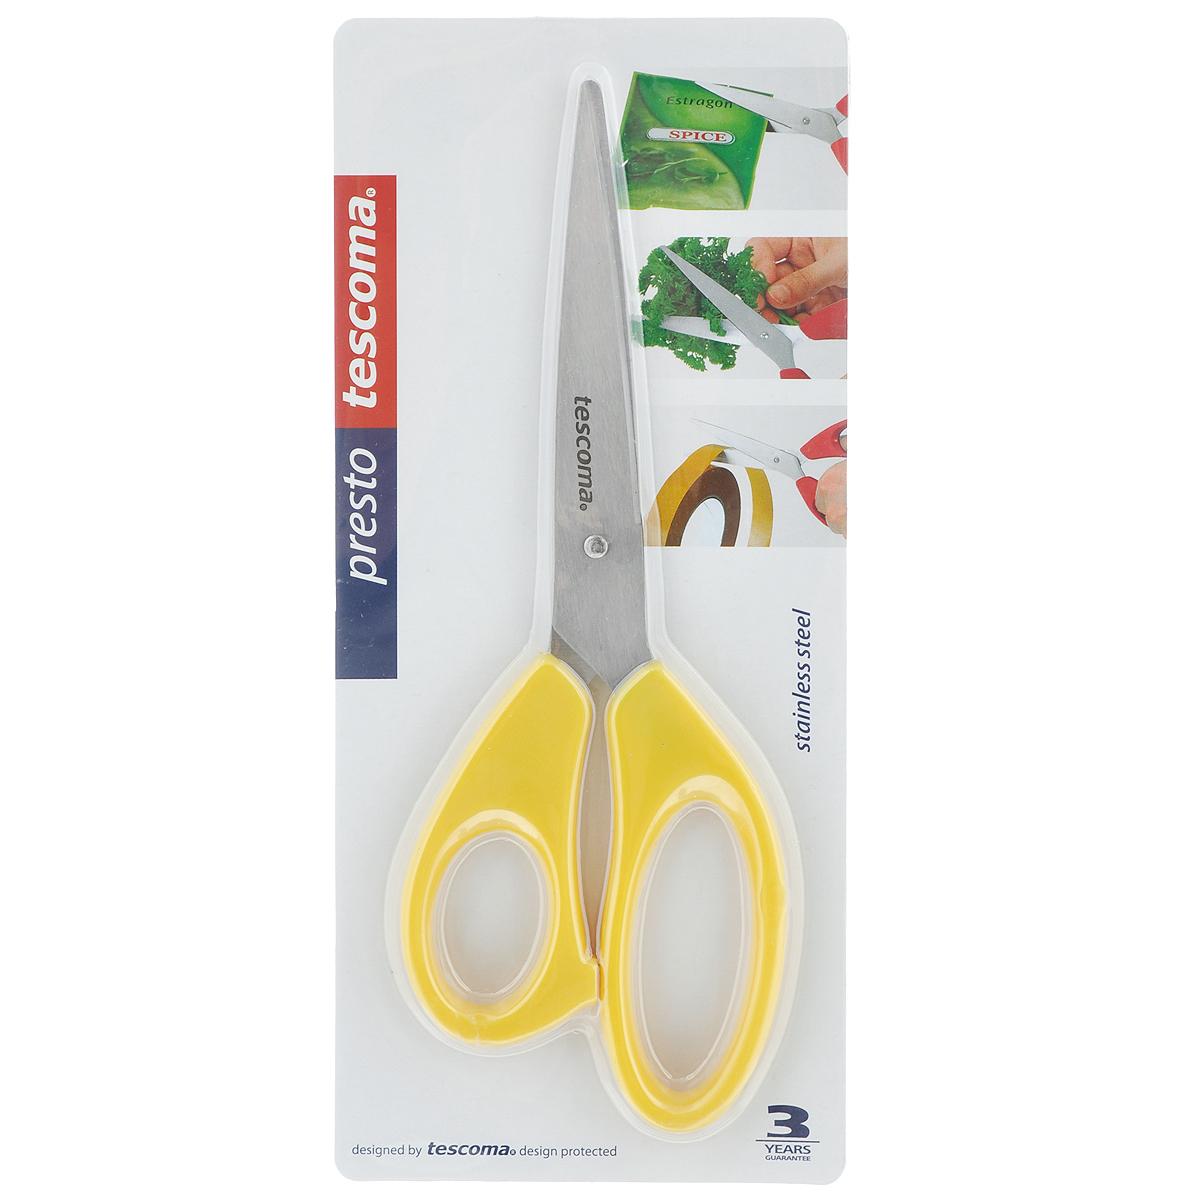 Ножницы Tescoma Presto, цвет: желтый, длина 22 см115510Универсальные ножницы Tescoma Presto предназначены для дома и офиса, пригодны для резки всех обычных материалов - бумаги, ткани и т.д. Ими также удобно нарезать зелень, разрезать пакеты. Лезвия изготовлены из первоклассной нержавеющей стали, а рукоятки - из пластика. Длина ножниц: 22 см.